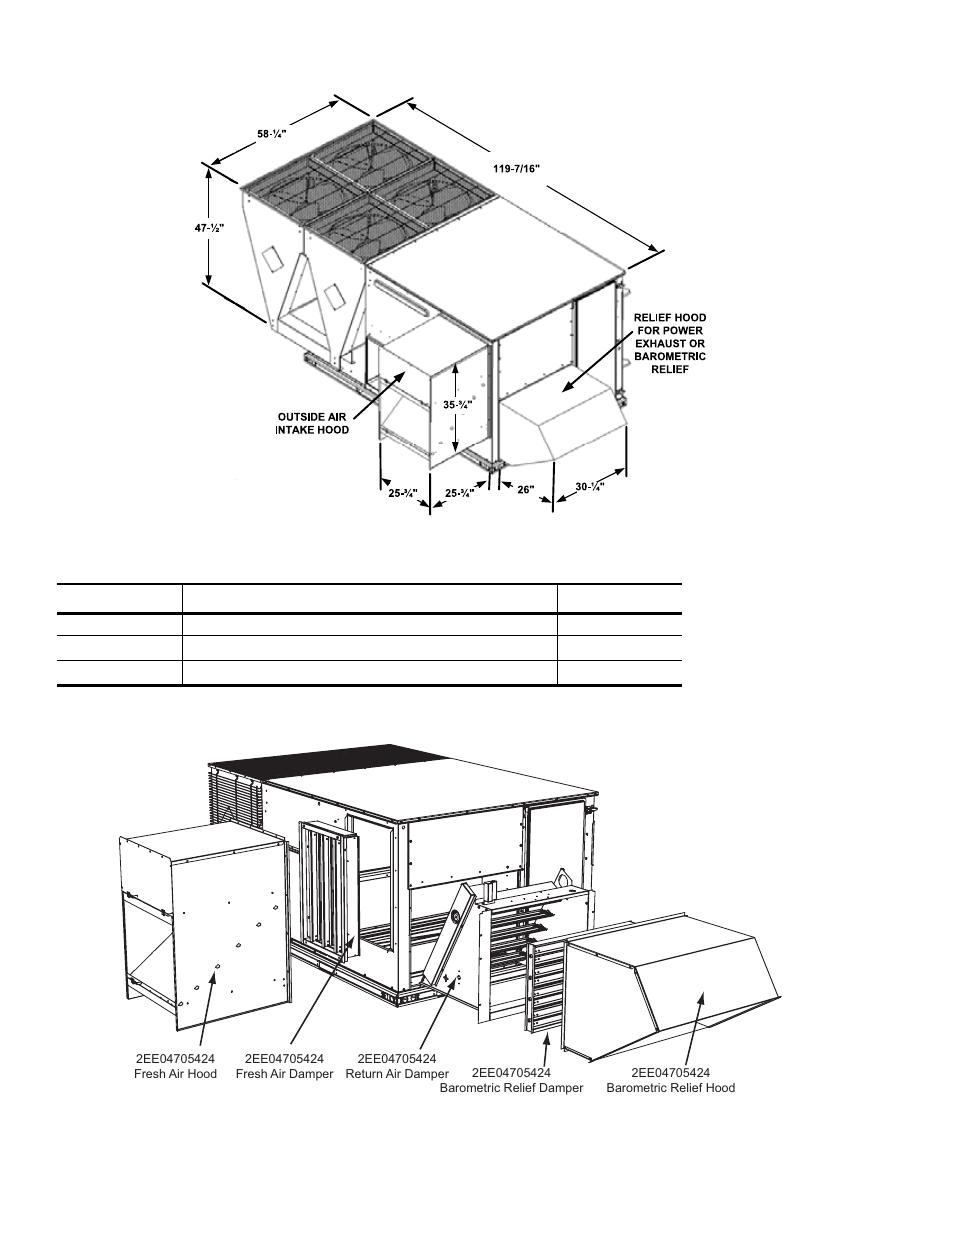 Figure 10 - downflow economizer hood detail, Table 19: economizer